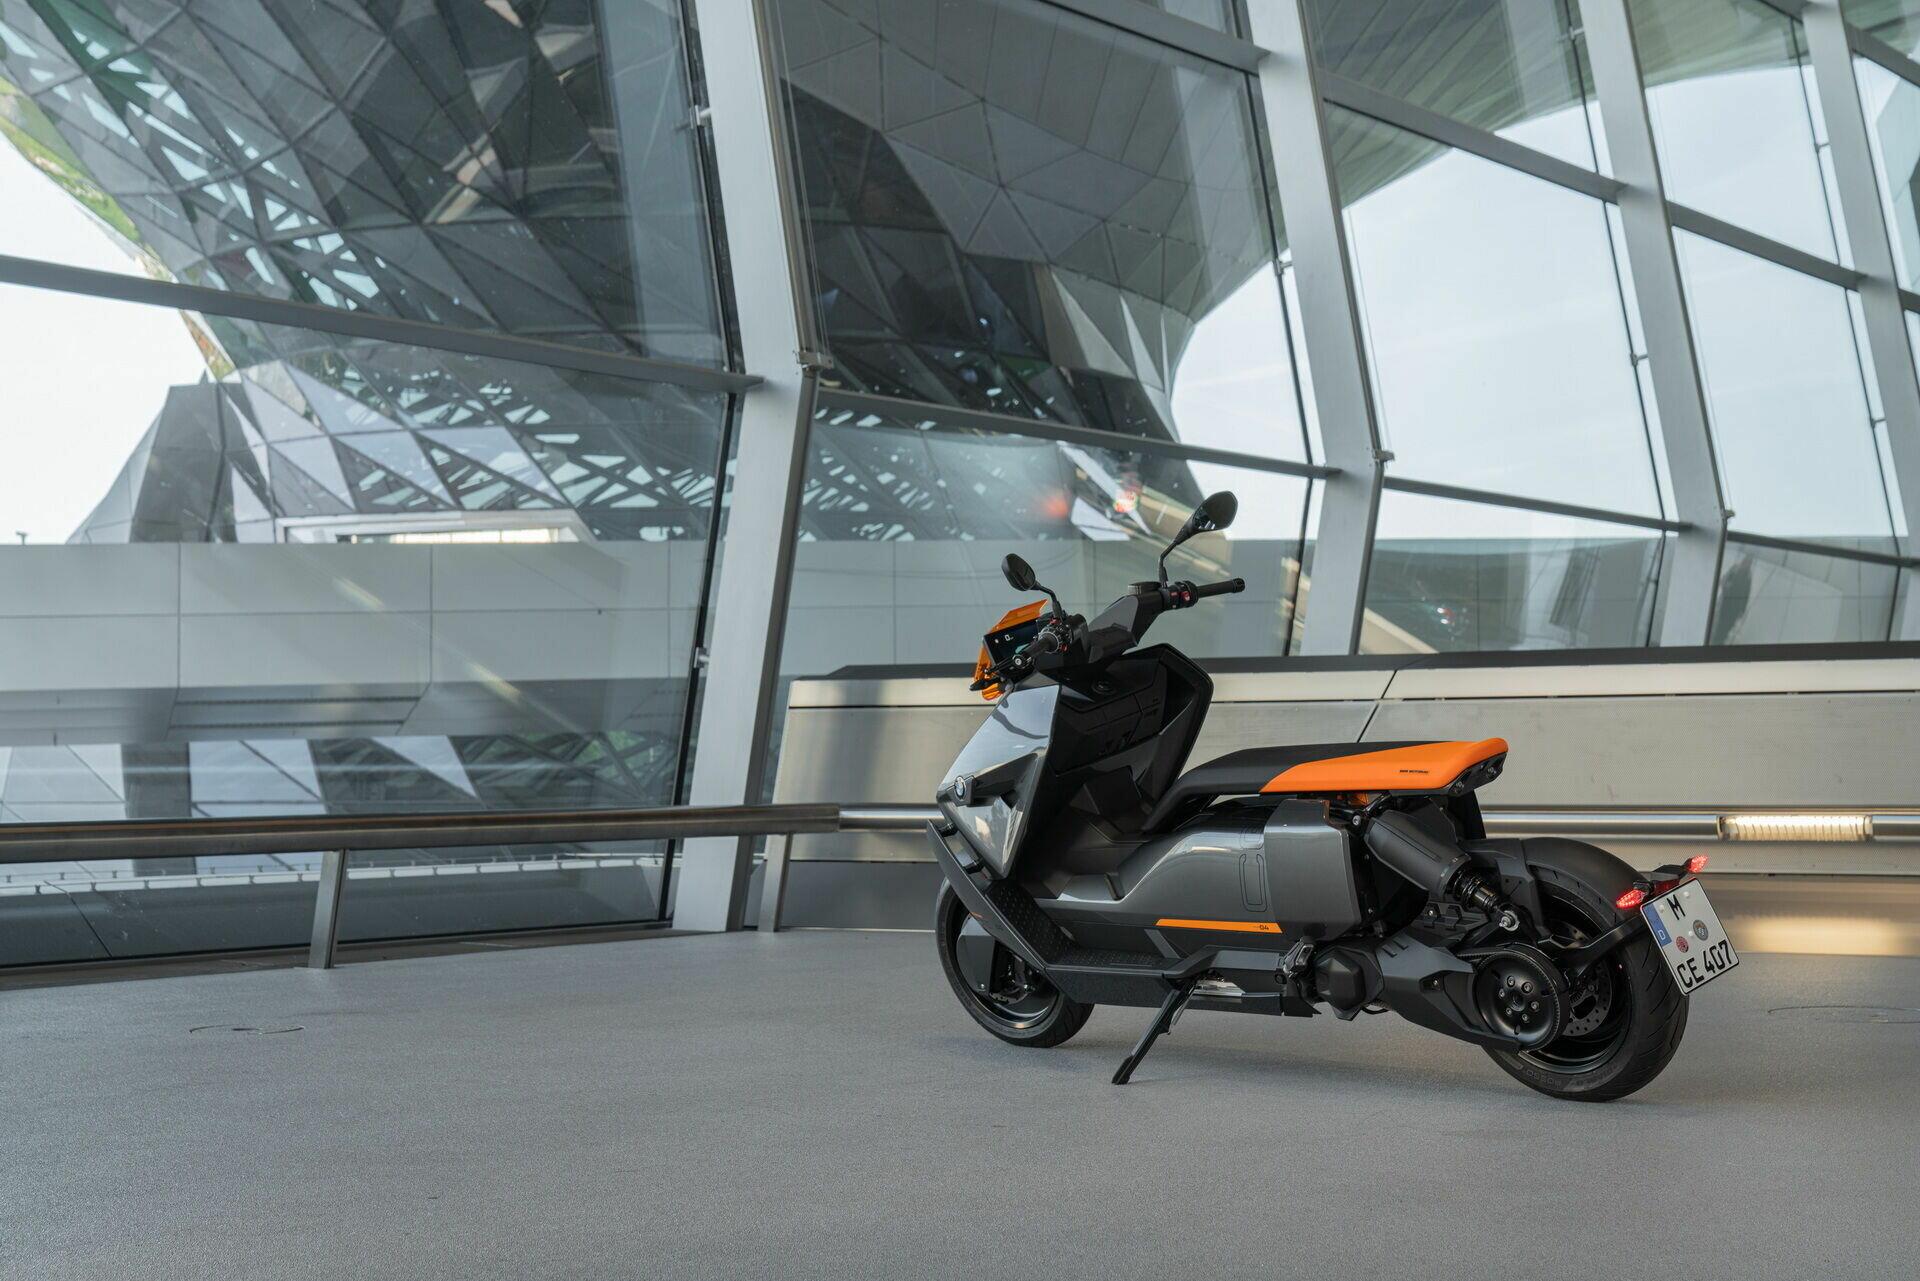 Для зручності маневрування скутер може рухатися заднім ходом